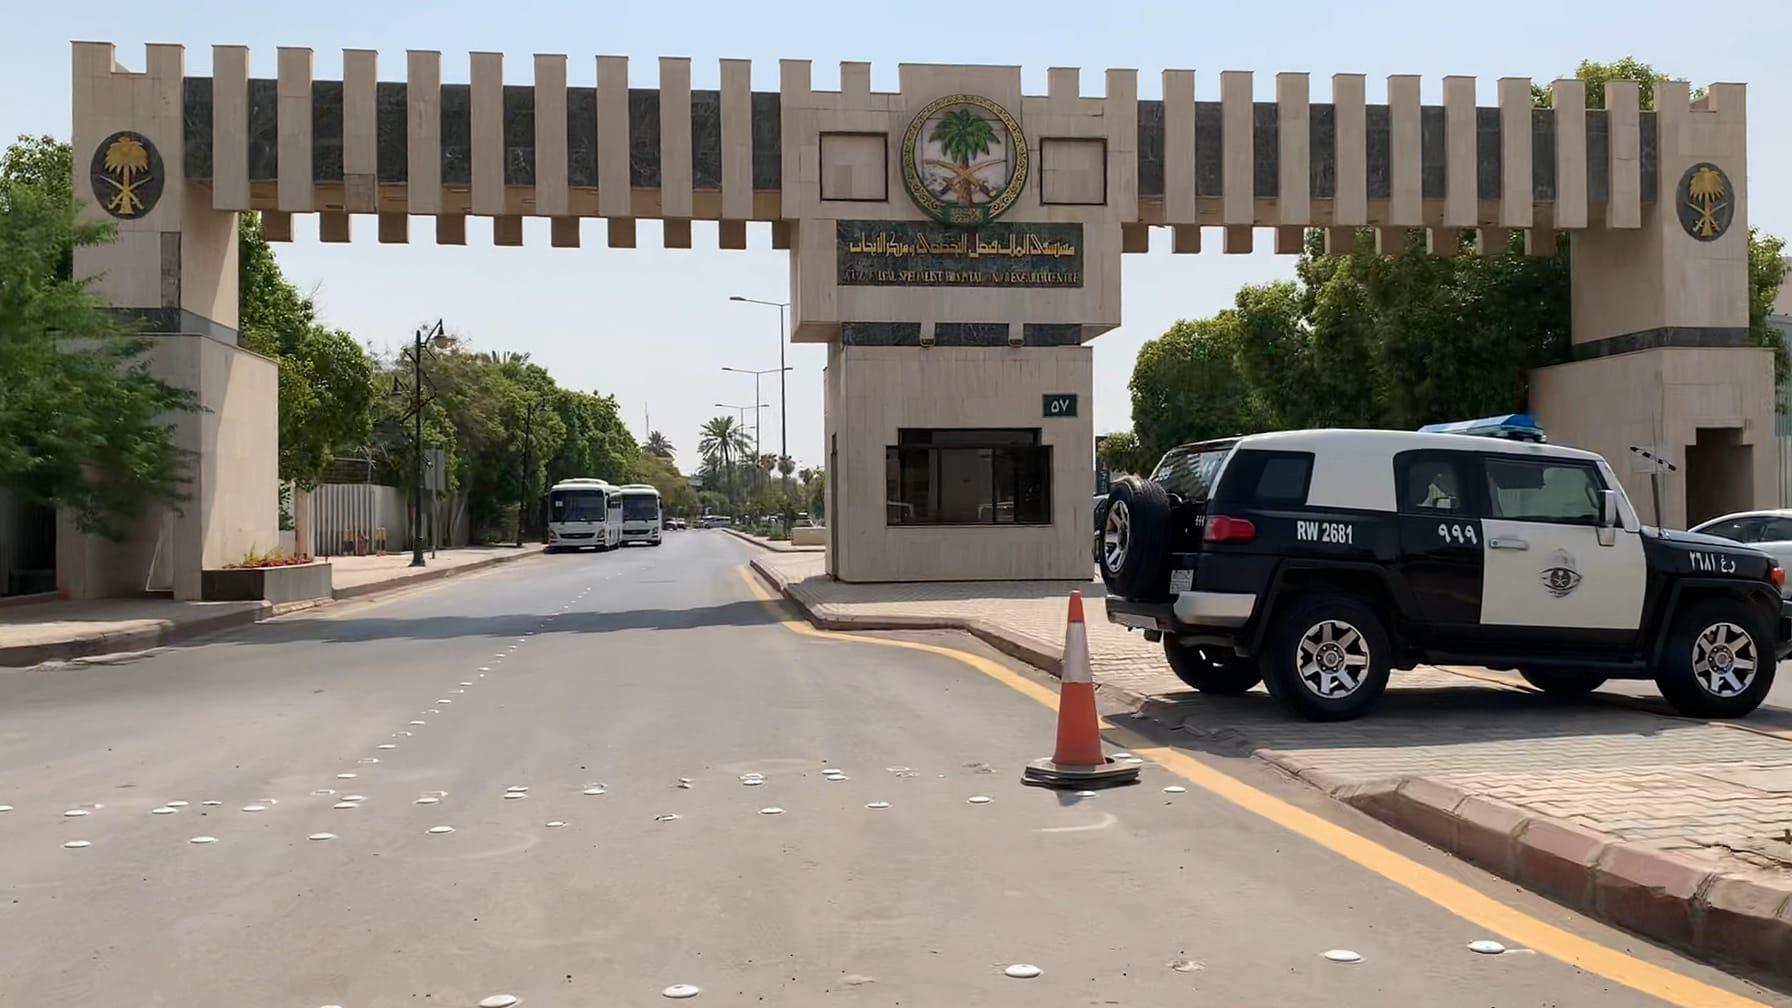 صورة لمدخل مستشفى الملك فيصل التخصصي